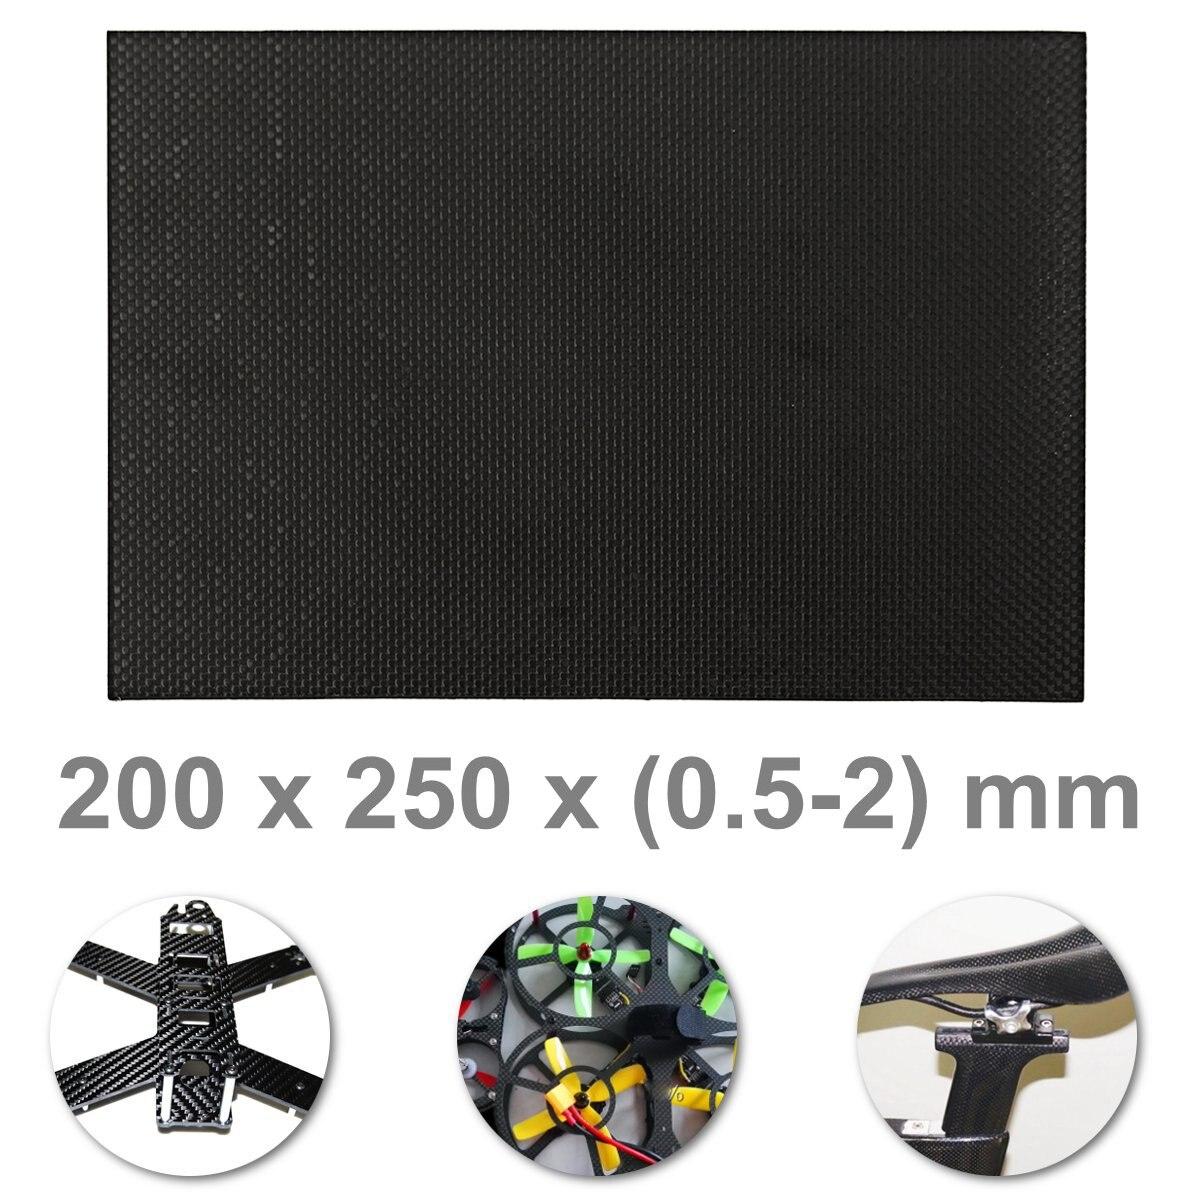 0.5mm/1mm/1.5mm/2mm 25x20 Cm Carbon Fiber Plaat Panel Sheet Tabby Mat Oppervlak Board Rc Speelgoed Accessoires Platbinding Zwart Modern Ontwerp